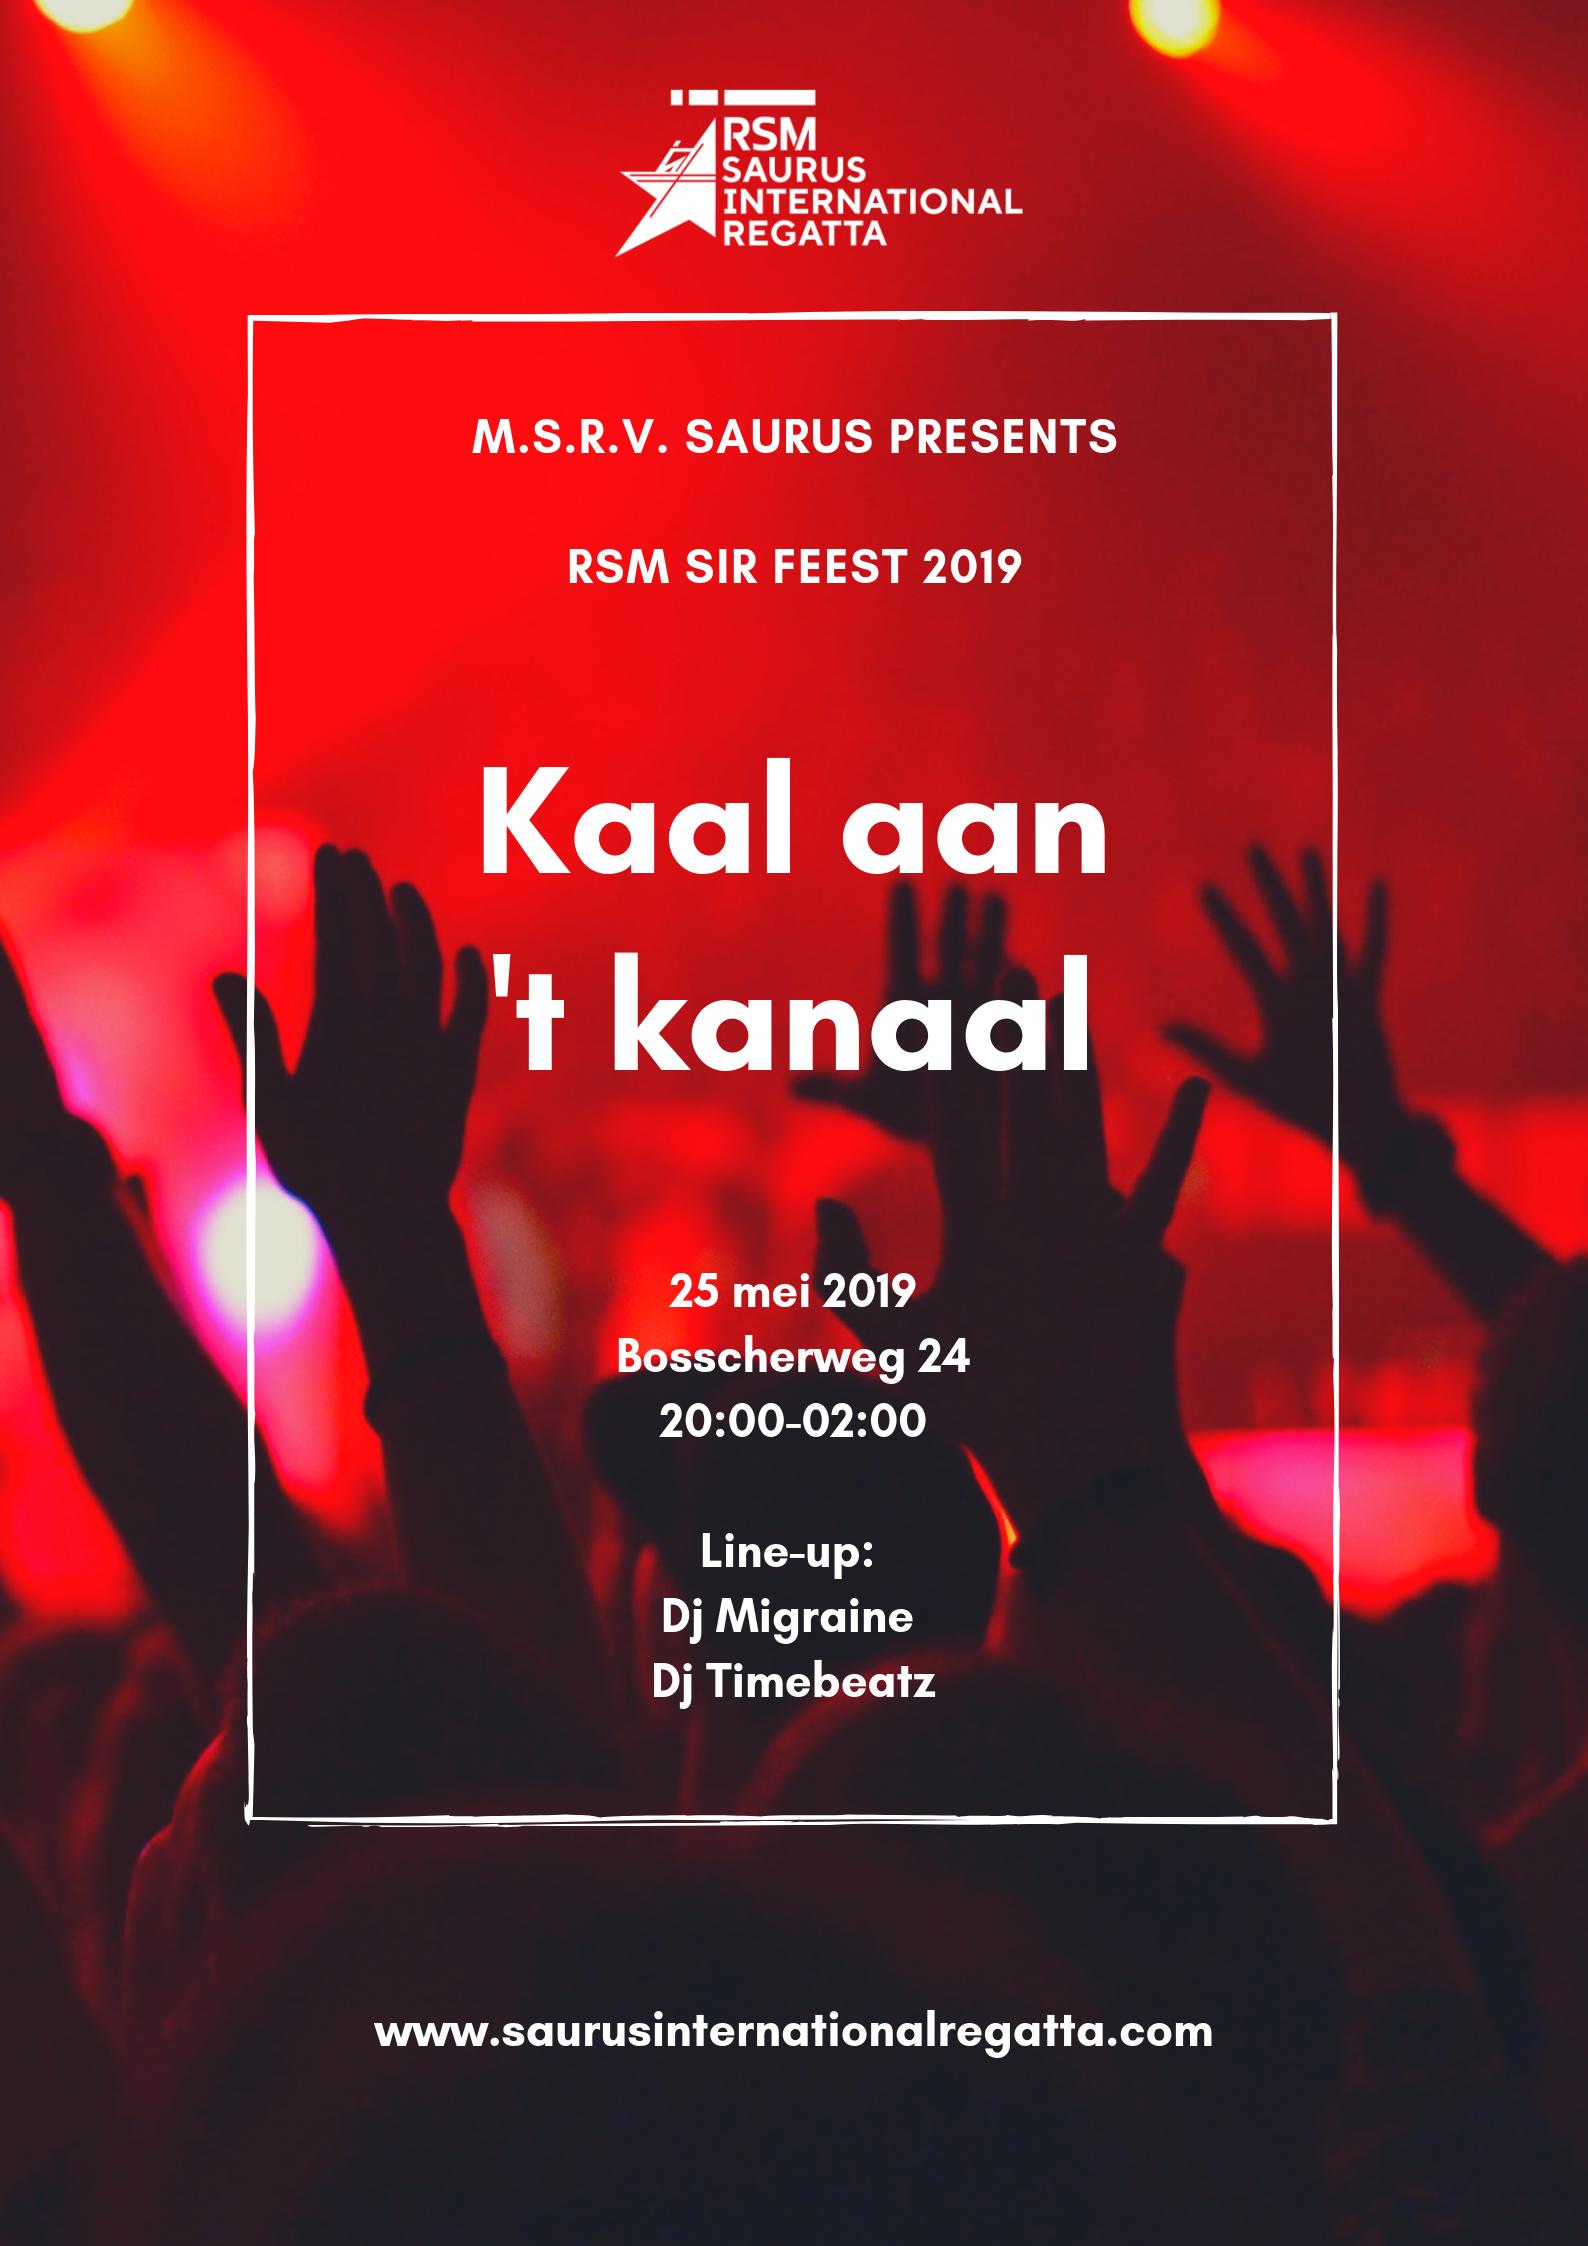 Kaal aan 't Kanaal RSM SIR Feest 2019.png